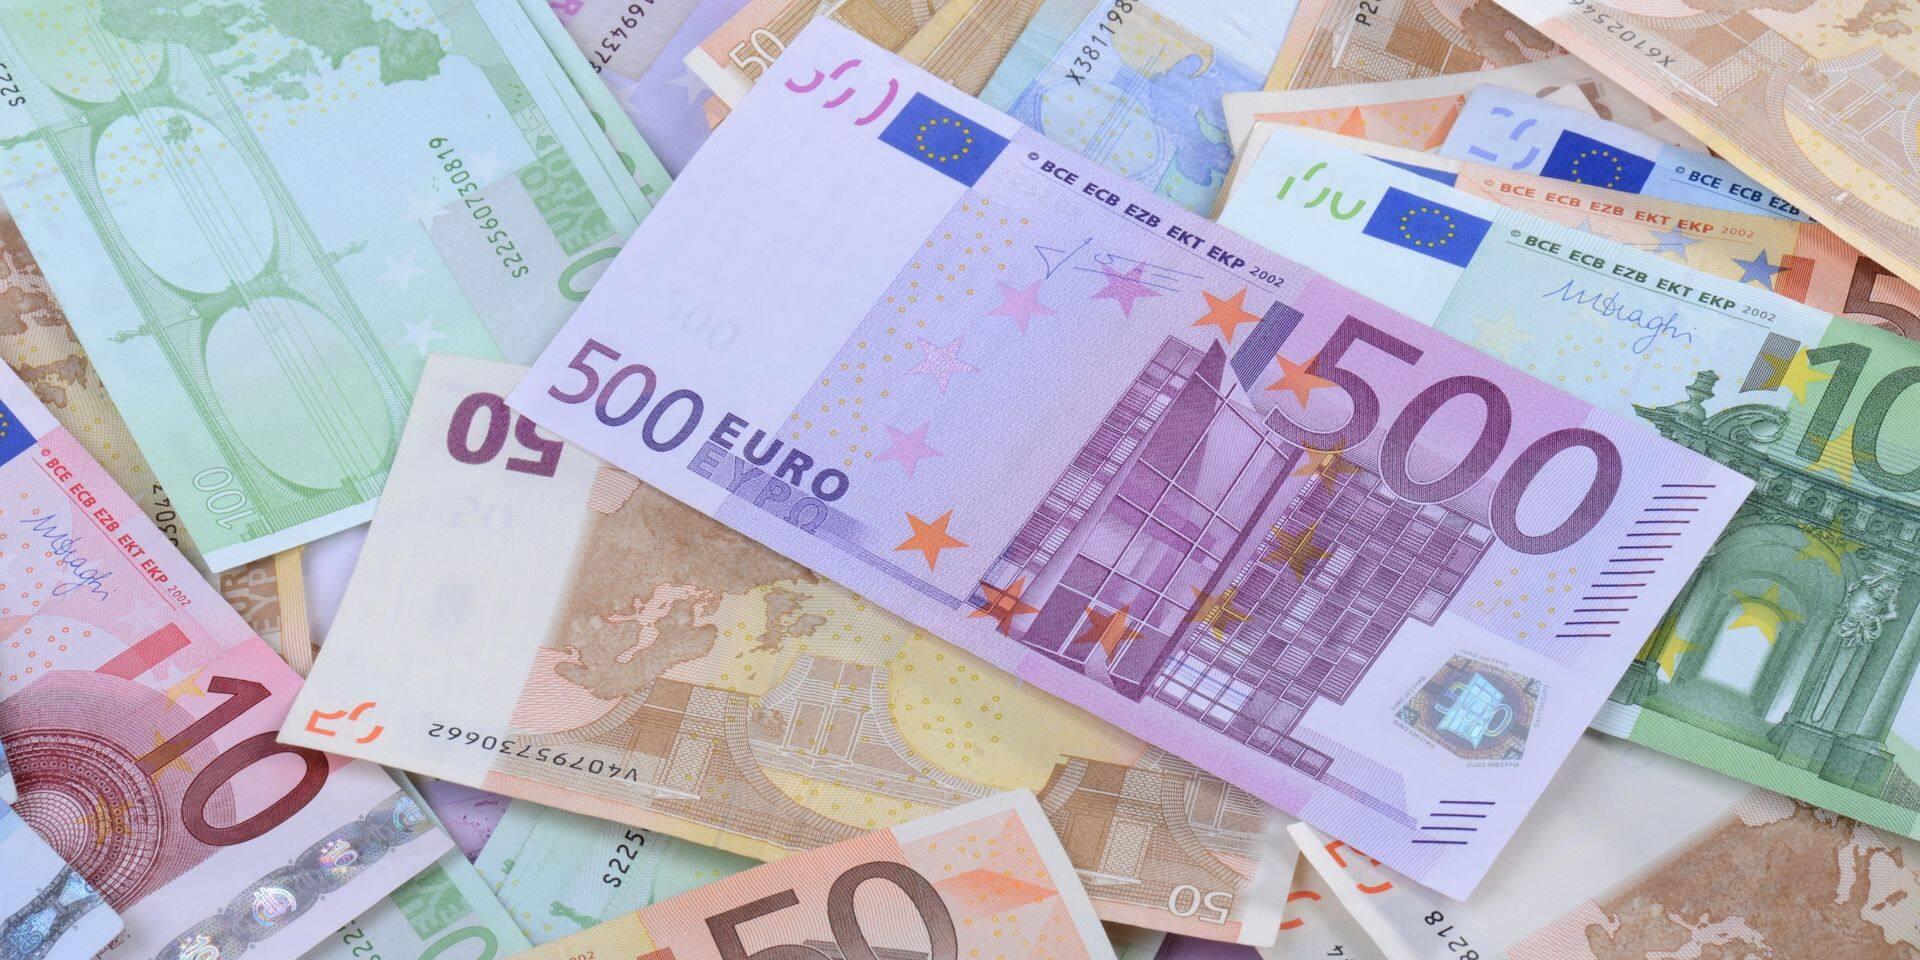 Comme le Danemark, la France n'accordera pas d'aides aux entreprises basées dans les paradis fiscaux